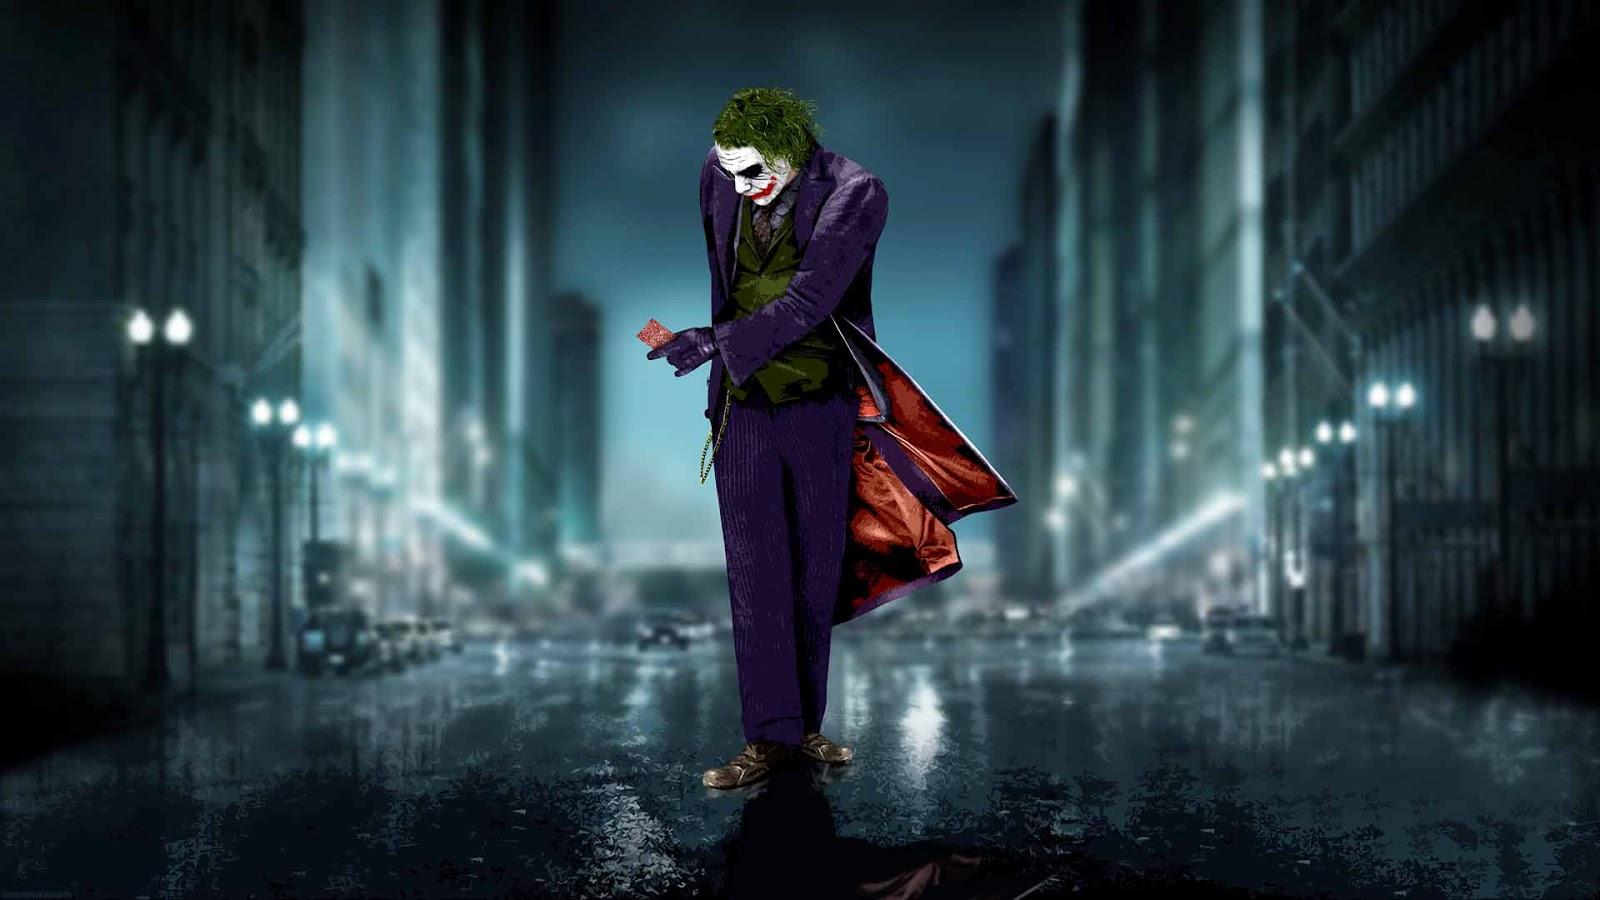 HD Wallpapers of Joker - WallpaperSafari